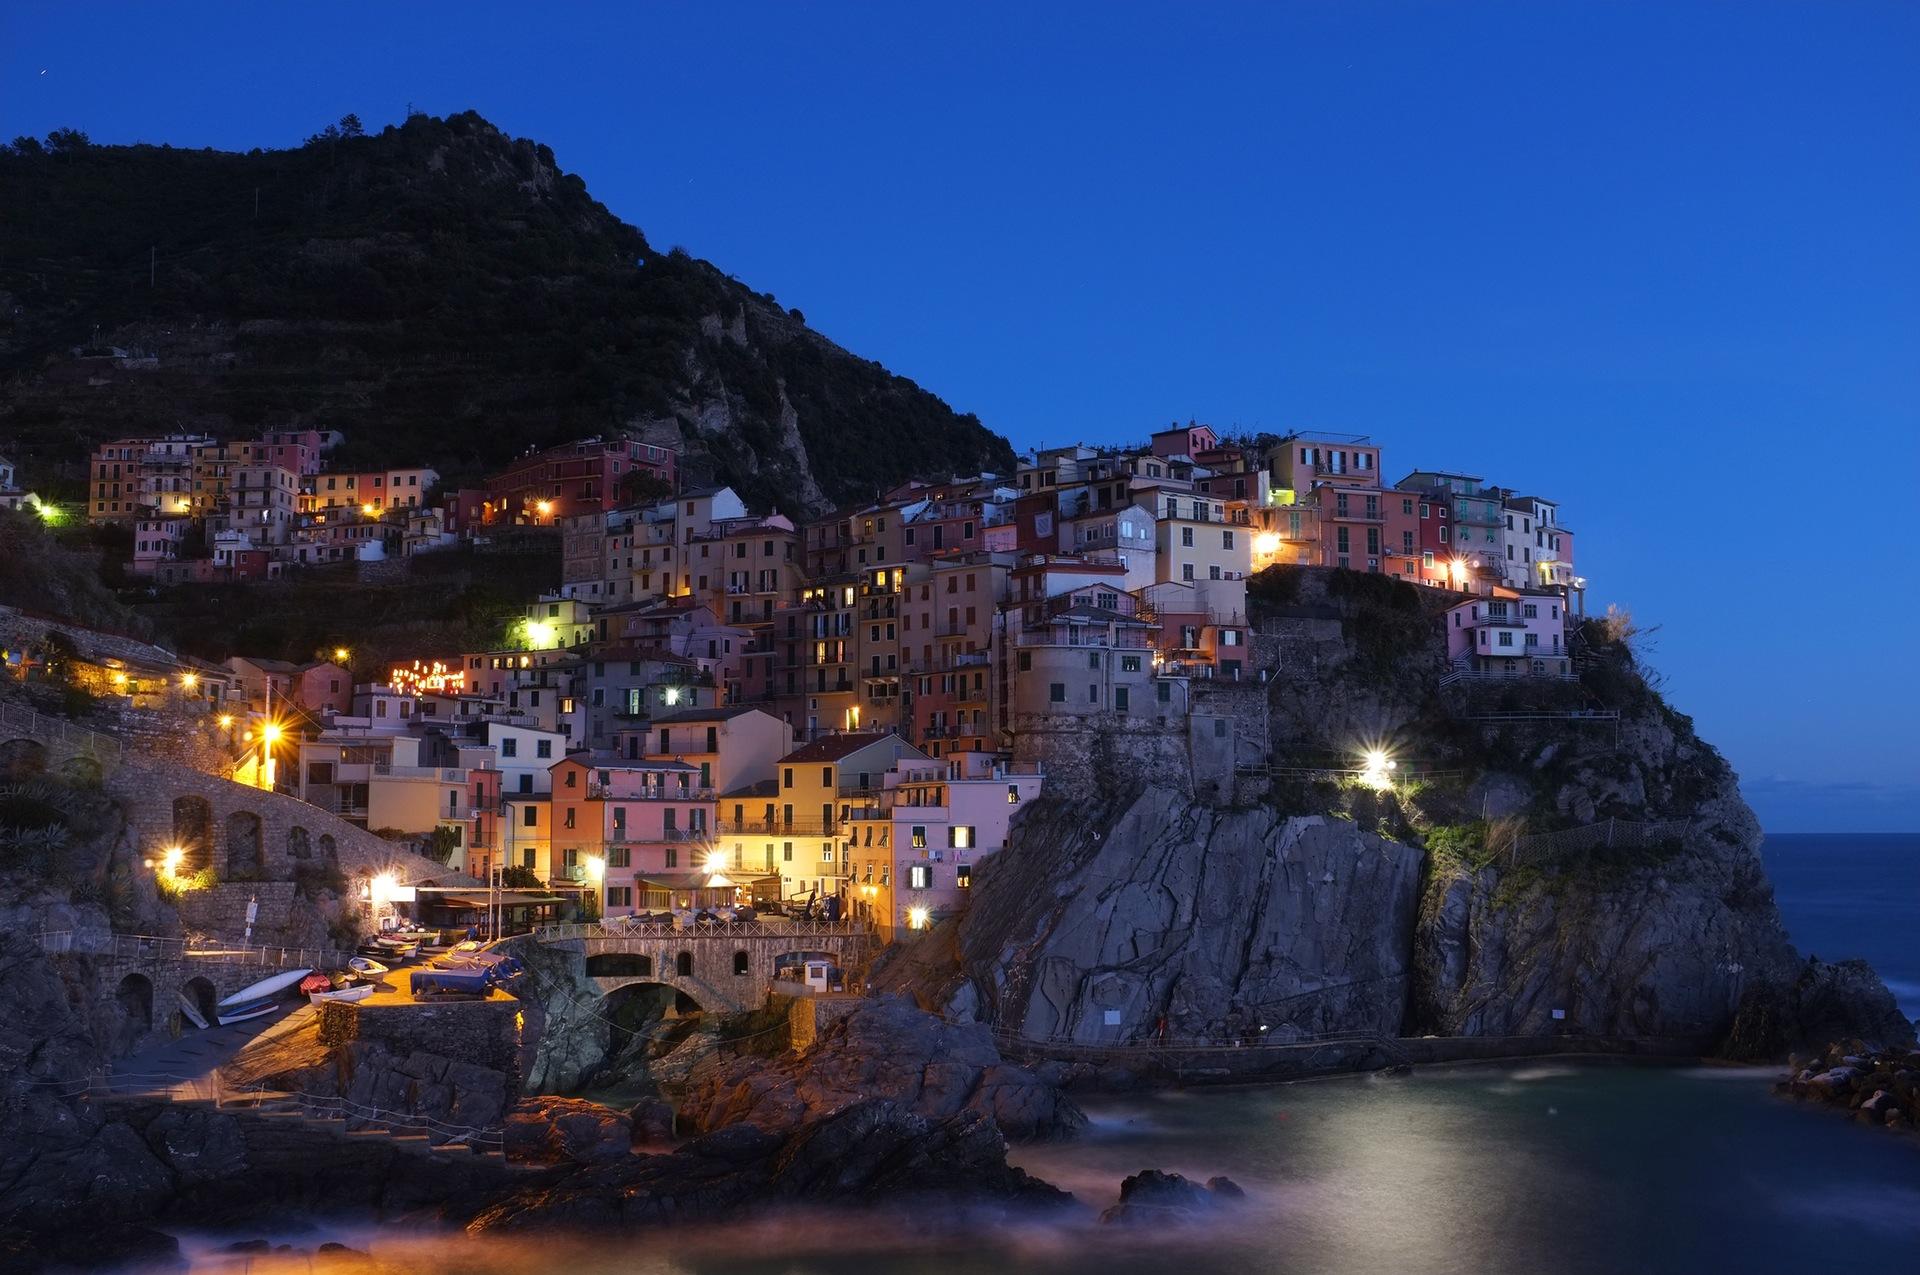 Manarola, Crepúsculo, Costa, Mar, casas, vila, beleza, Mediterrâneo - Papéis de parede HD - Professor-falken.com